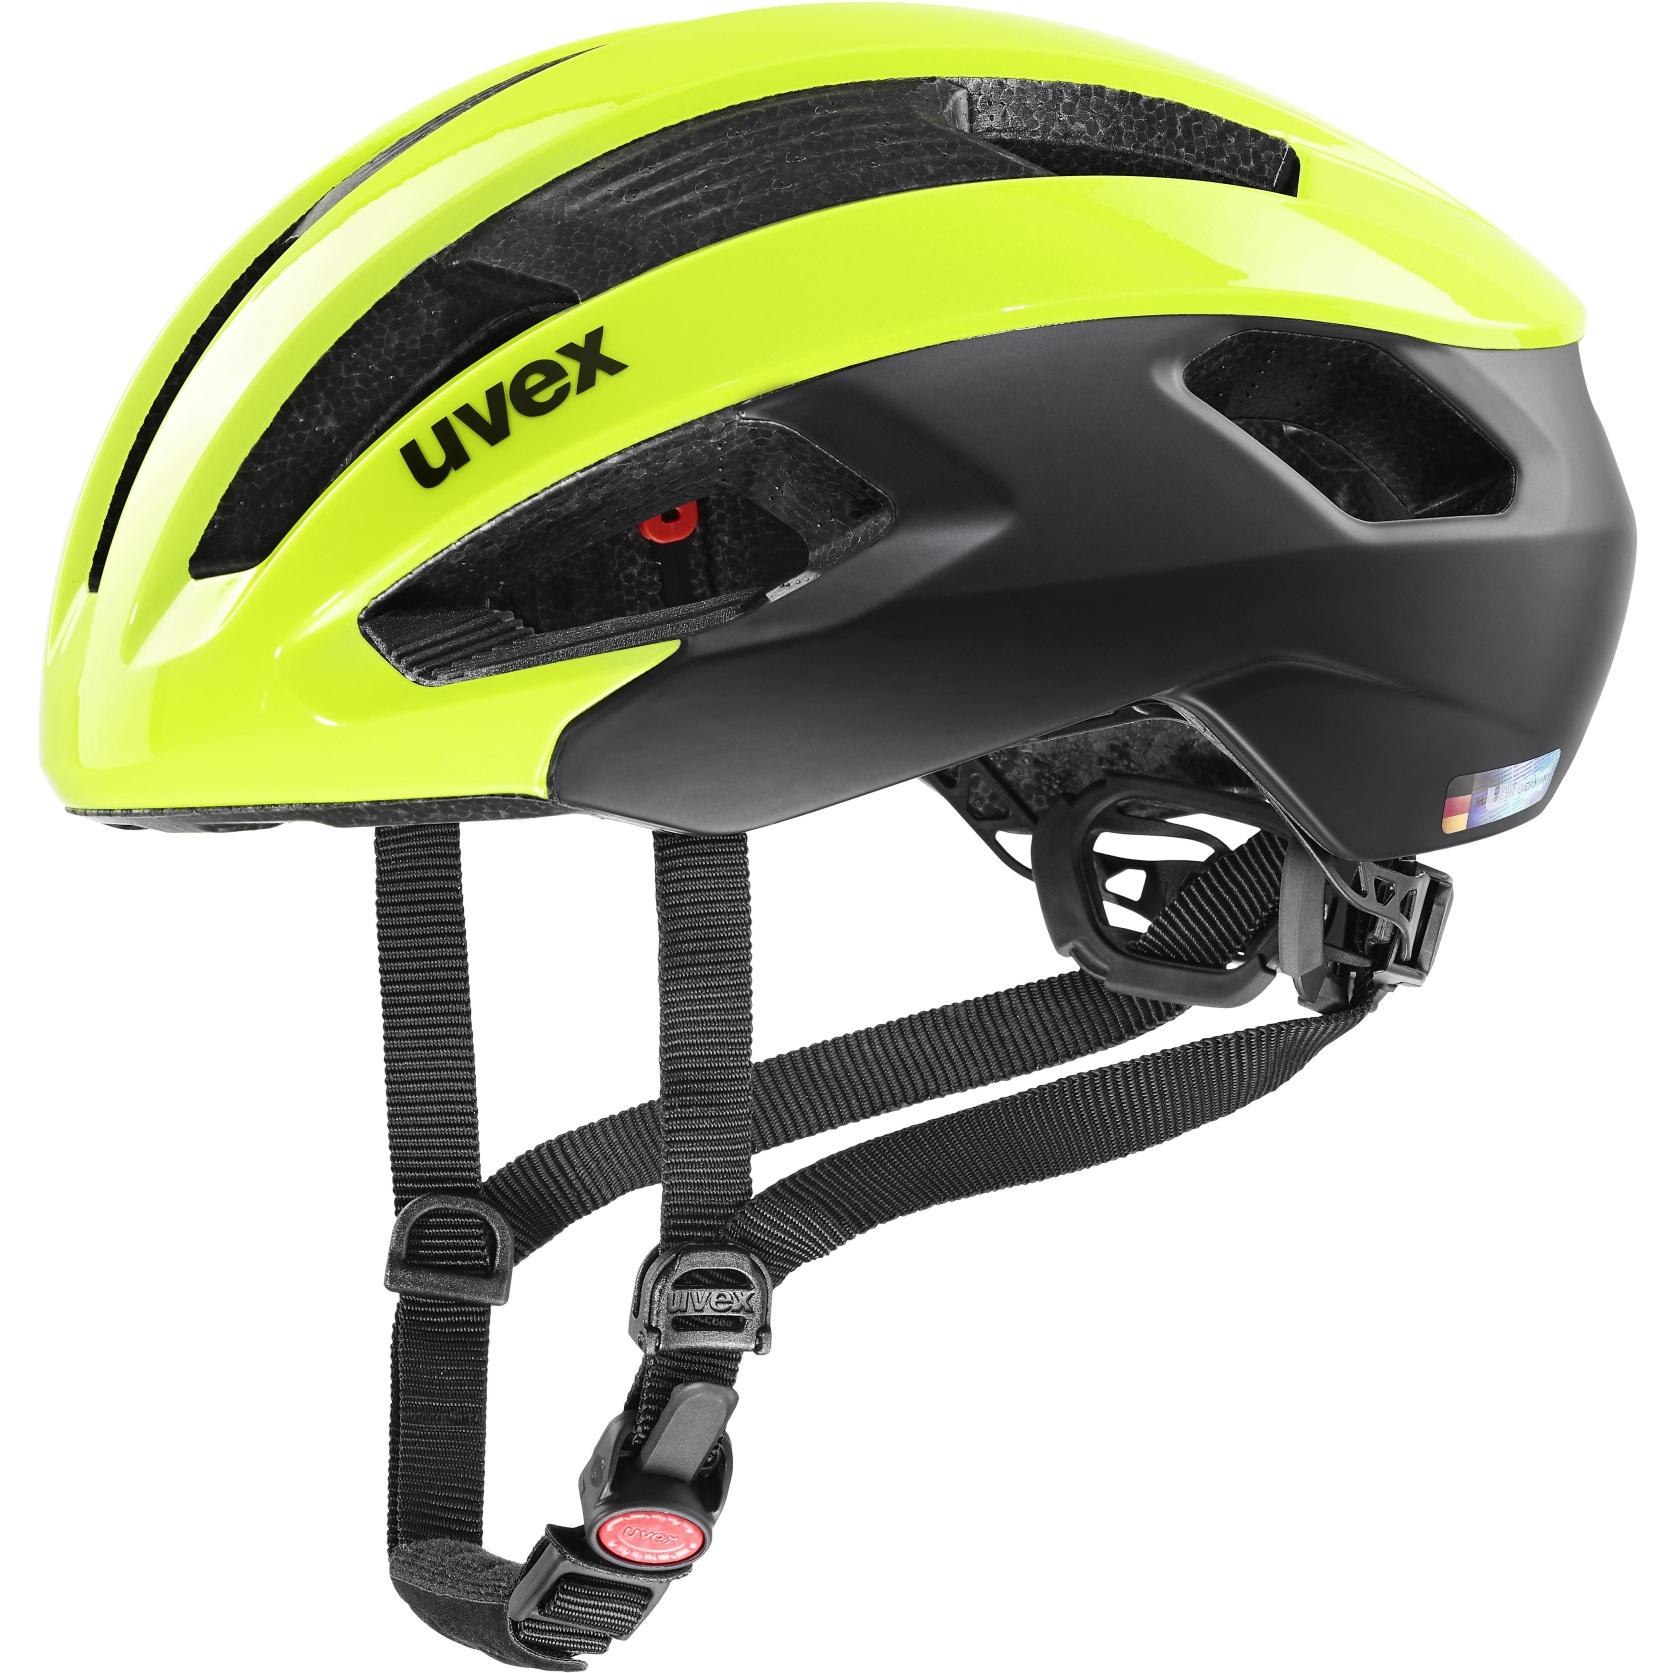 Bild von Uvex rise cc Helm - neon yellow-black mat